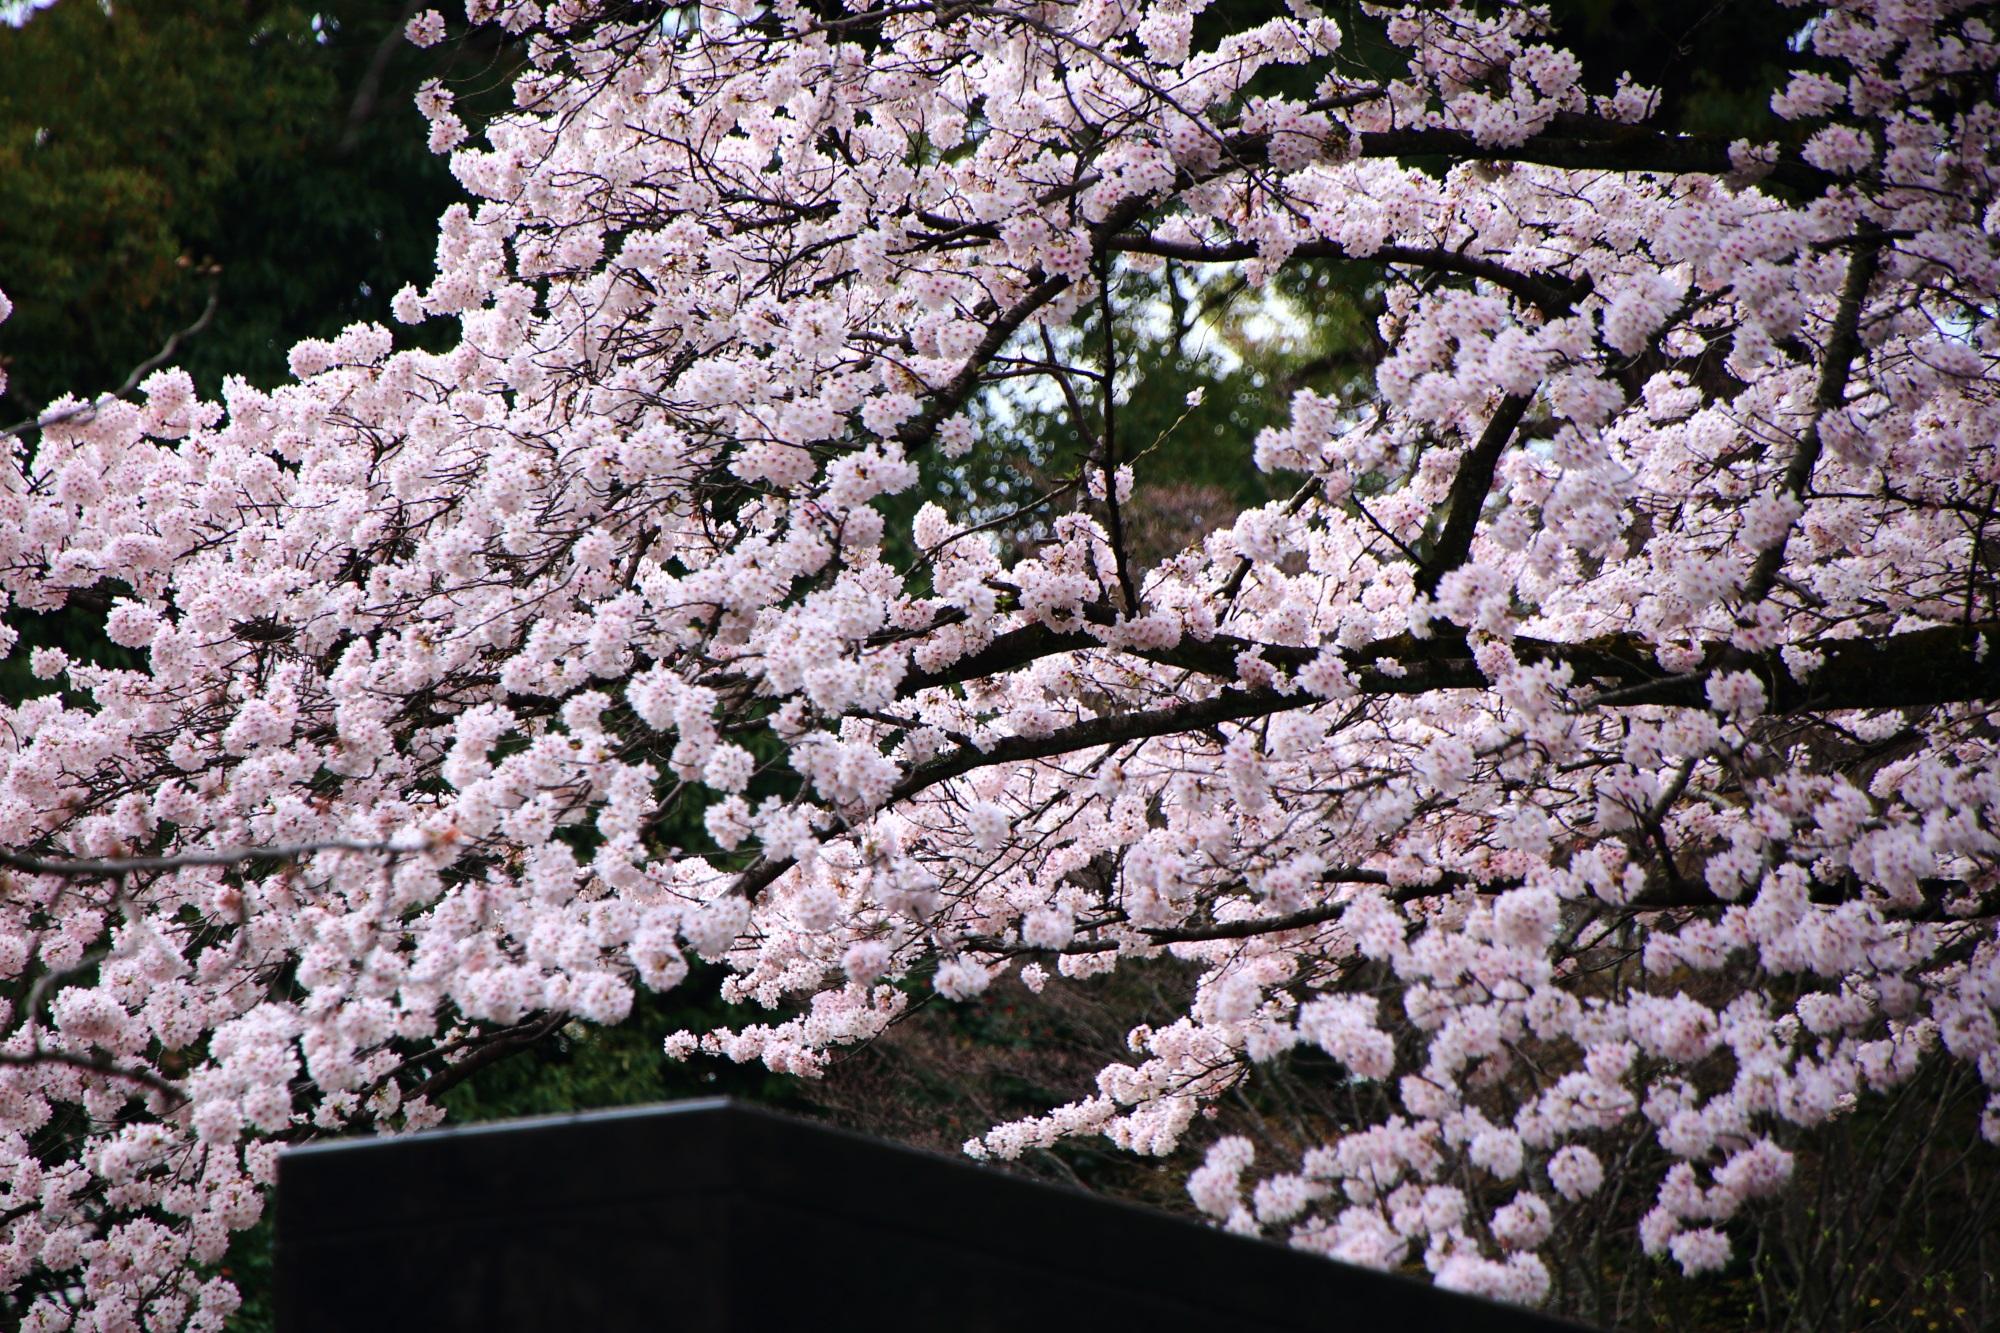 エジソン記念碑付近の予想以上に凄い溢れんばかりに咲き誇る桜